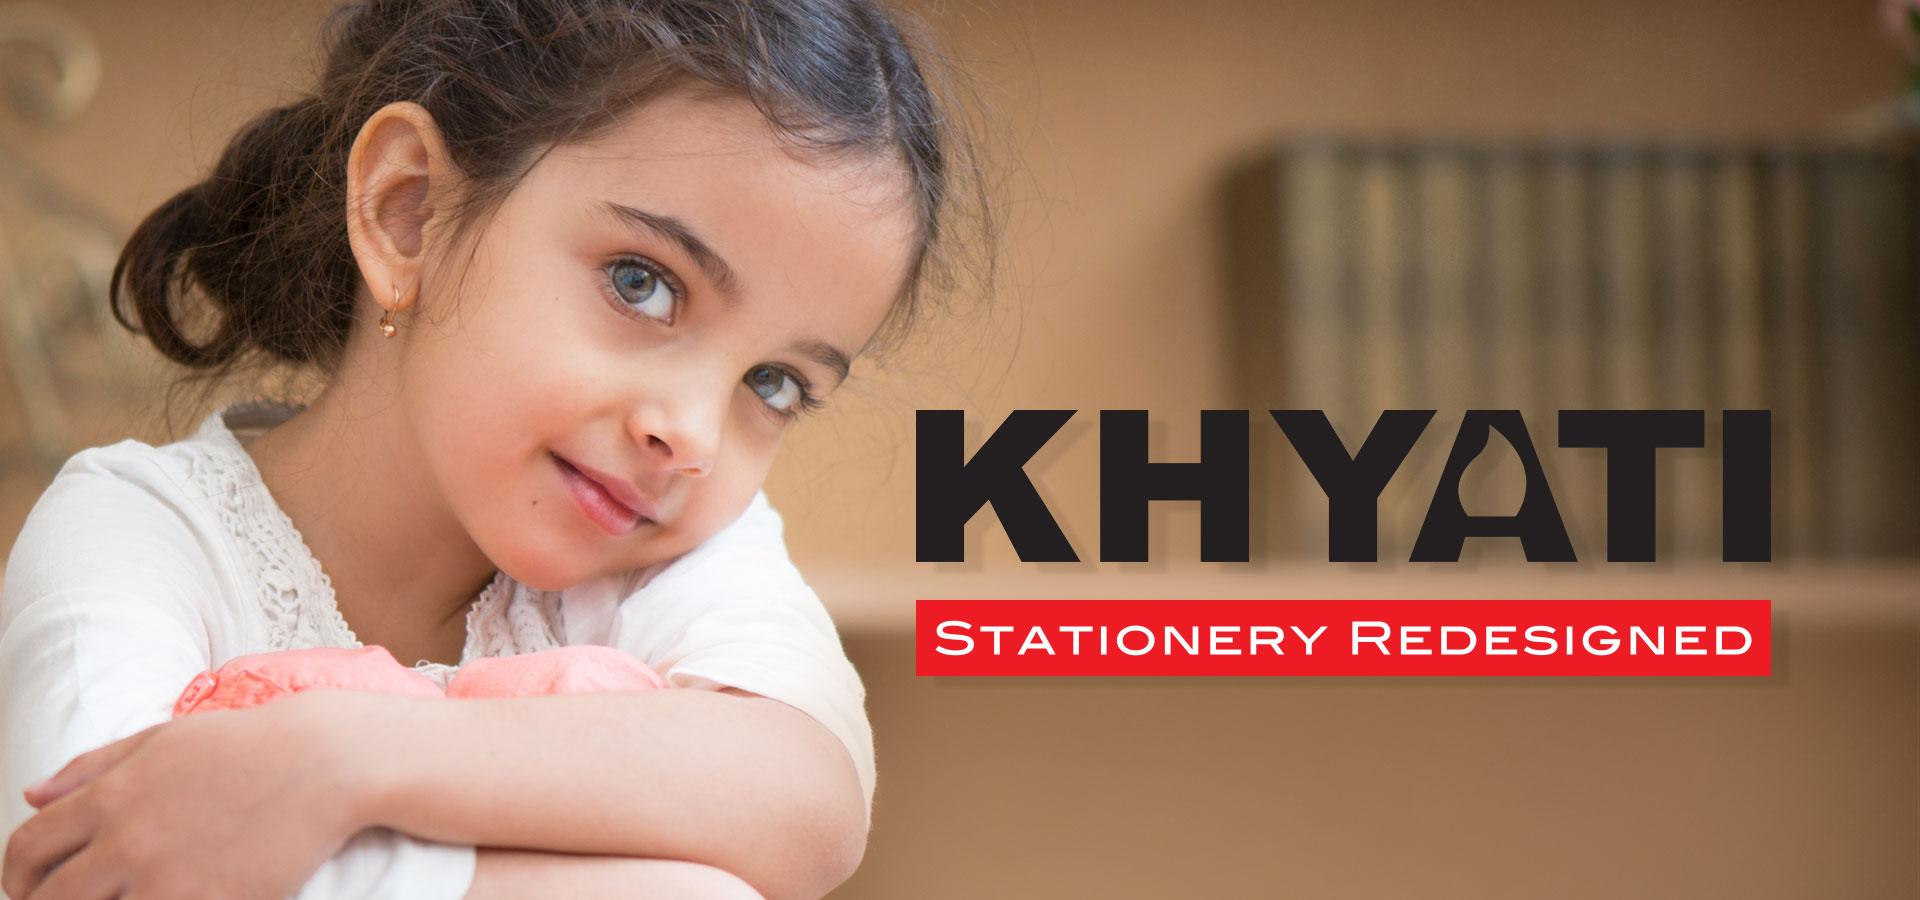 Khyati Stationery